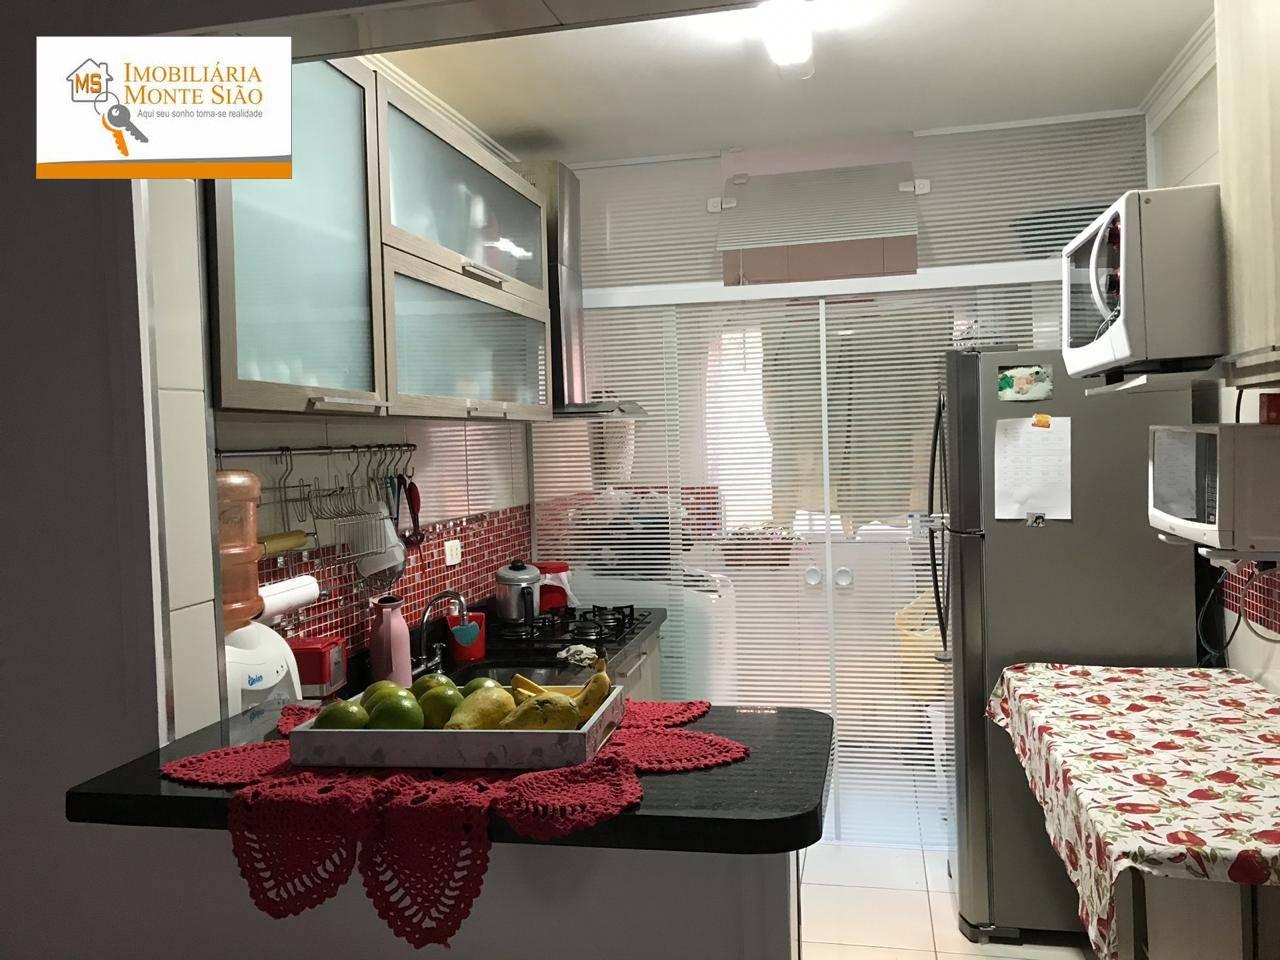 Apartamento com 2 dormitórios à venda, 55 m² por R$ 255.000,00 - Vila Progresso - Guarulhos/SP